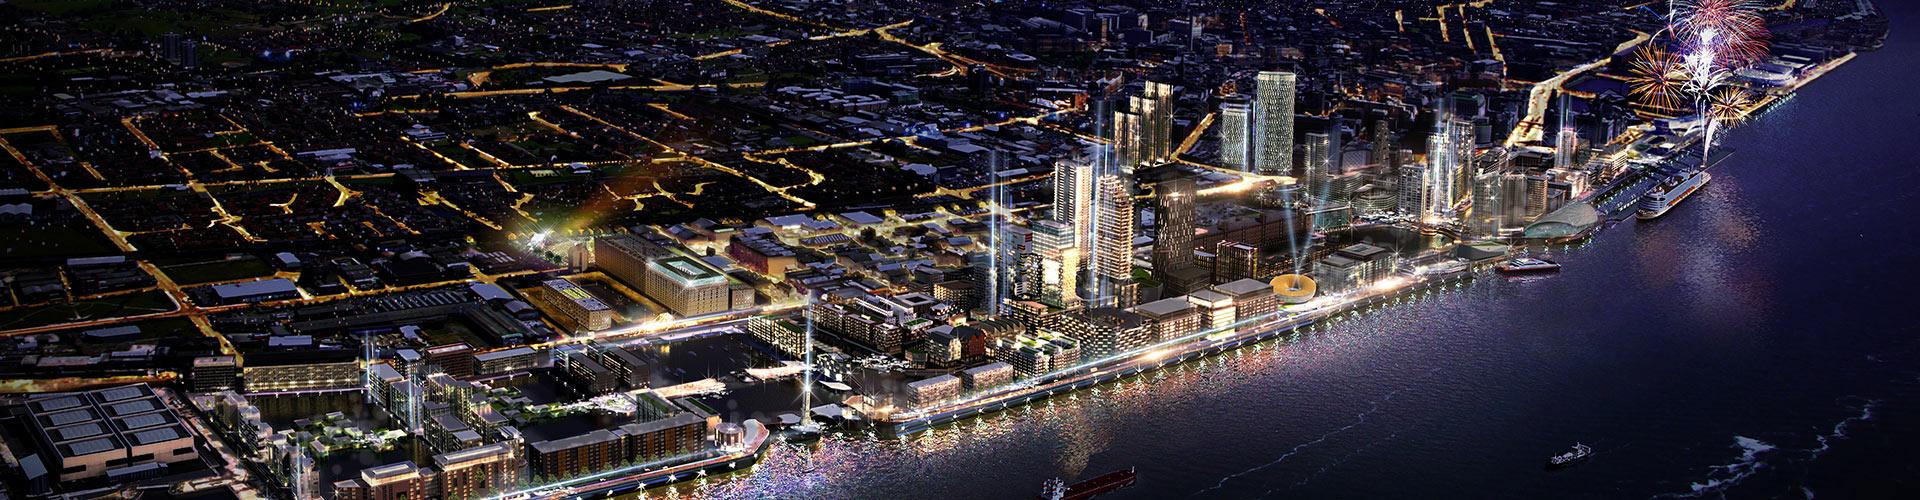 Park Central, Central Docks, Liverpool Banner